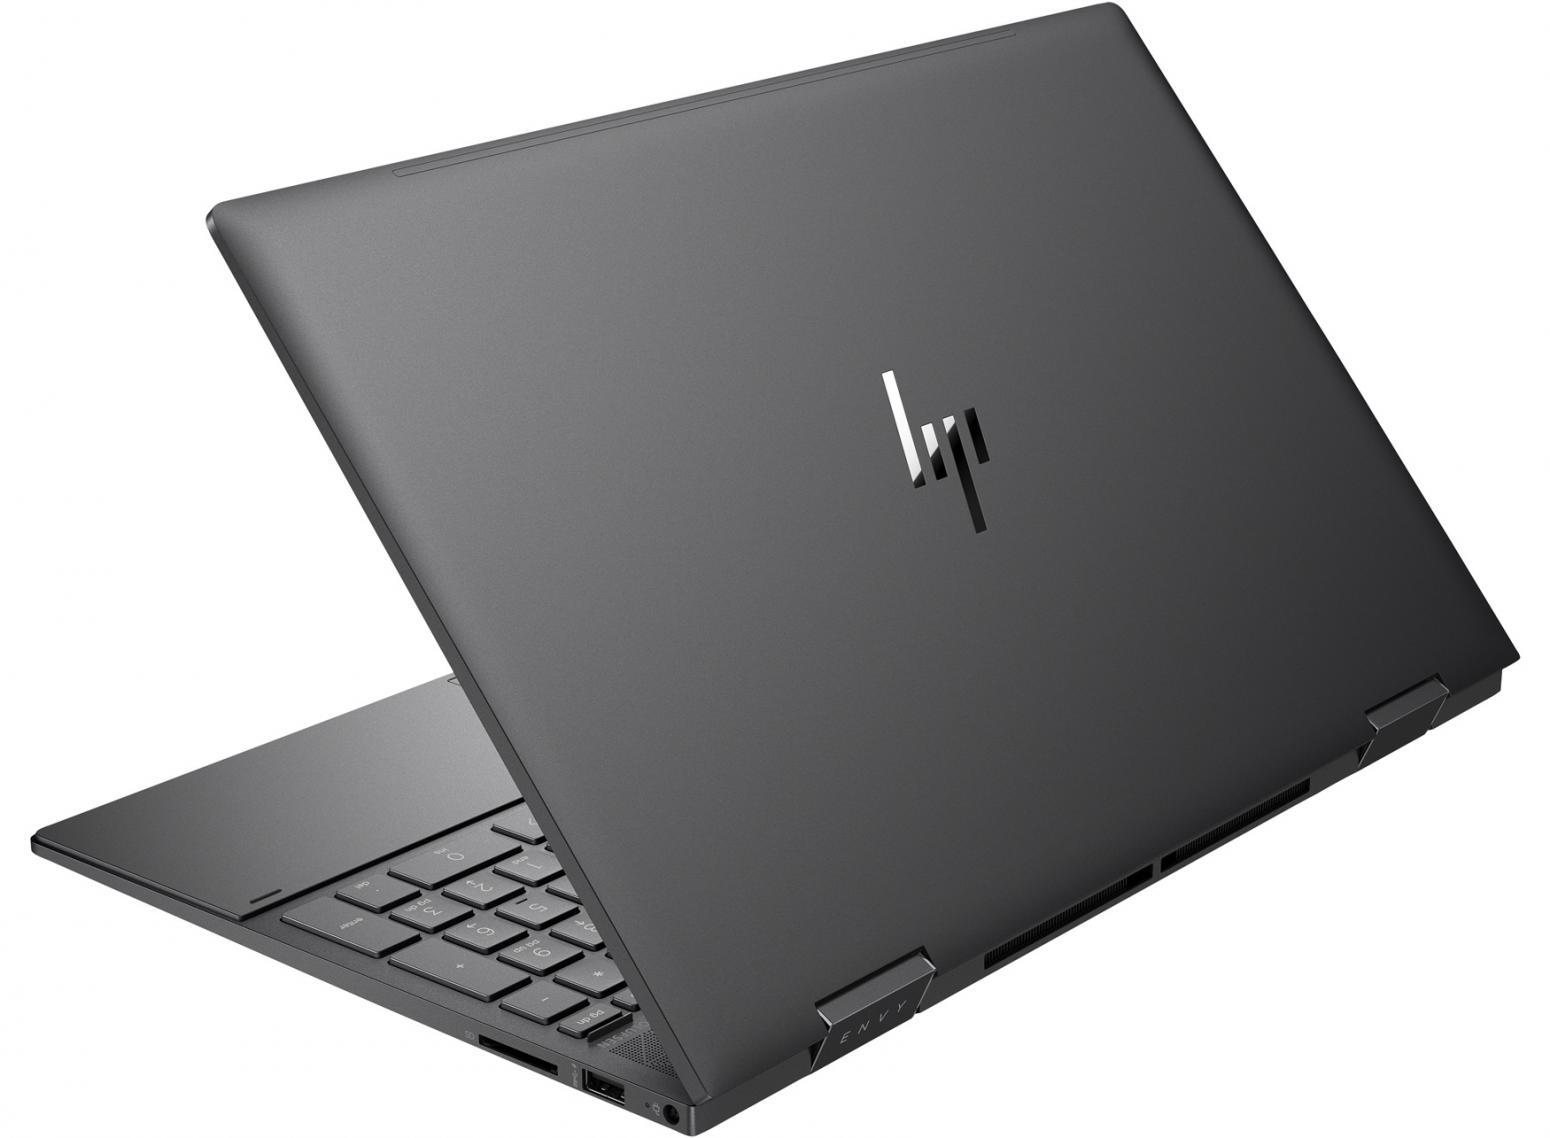 Ordinateur portable HP Envy x360 15-ee0012nf Argent - Tactile, Ryzen 5 Hexa Core - photo 7